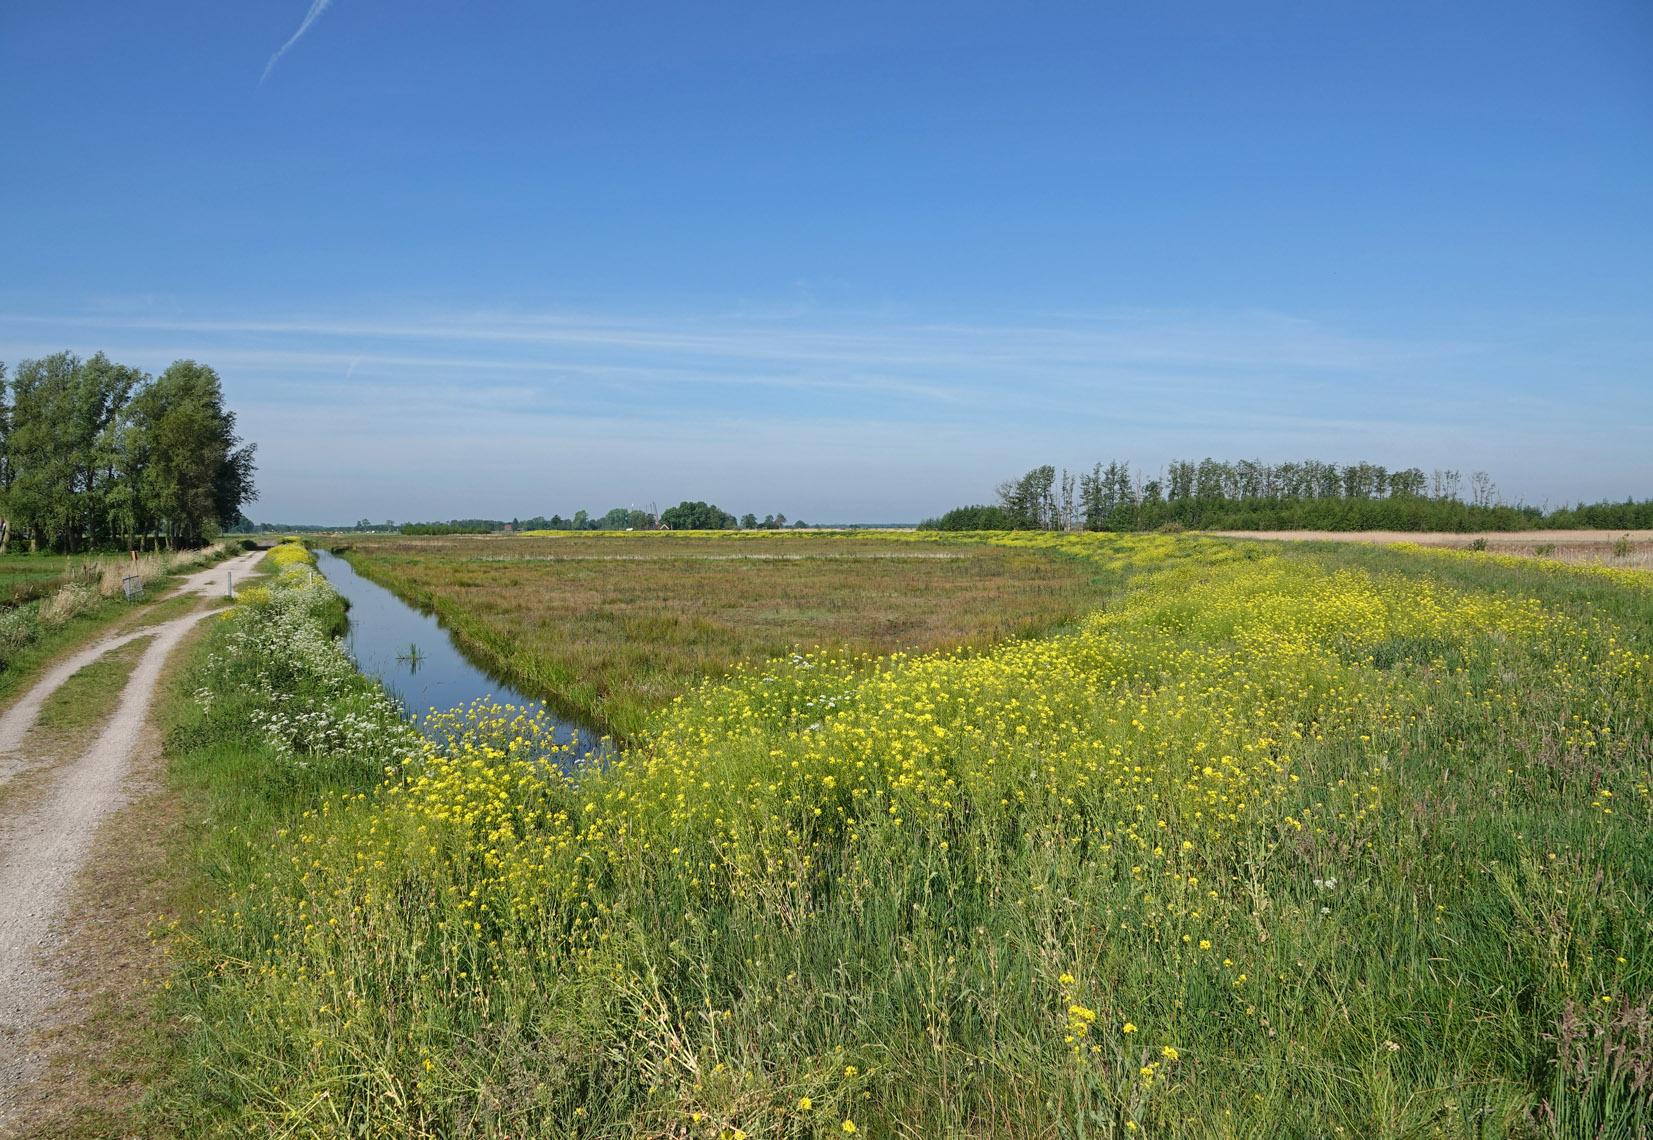 Matslootgebied (Onlanden) in het voorjaar